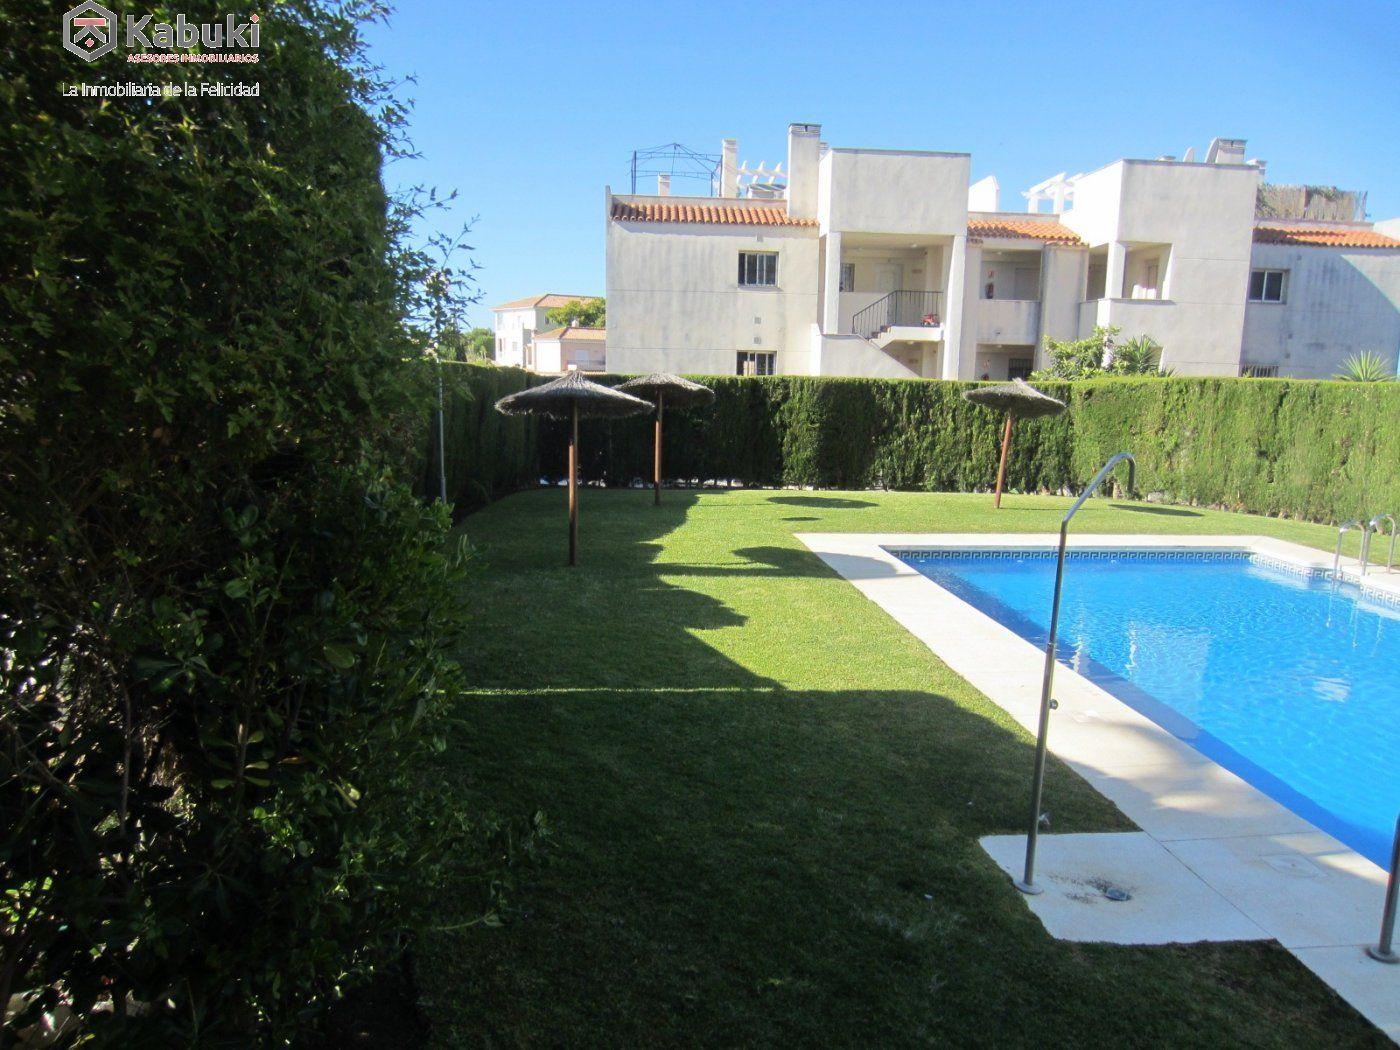 Coqueto apartamento en mijas, a un paso del mar. en urbanización con piscina. - imagenInmueble29